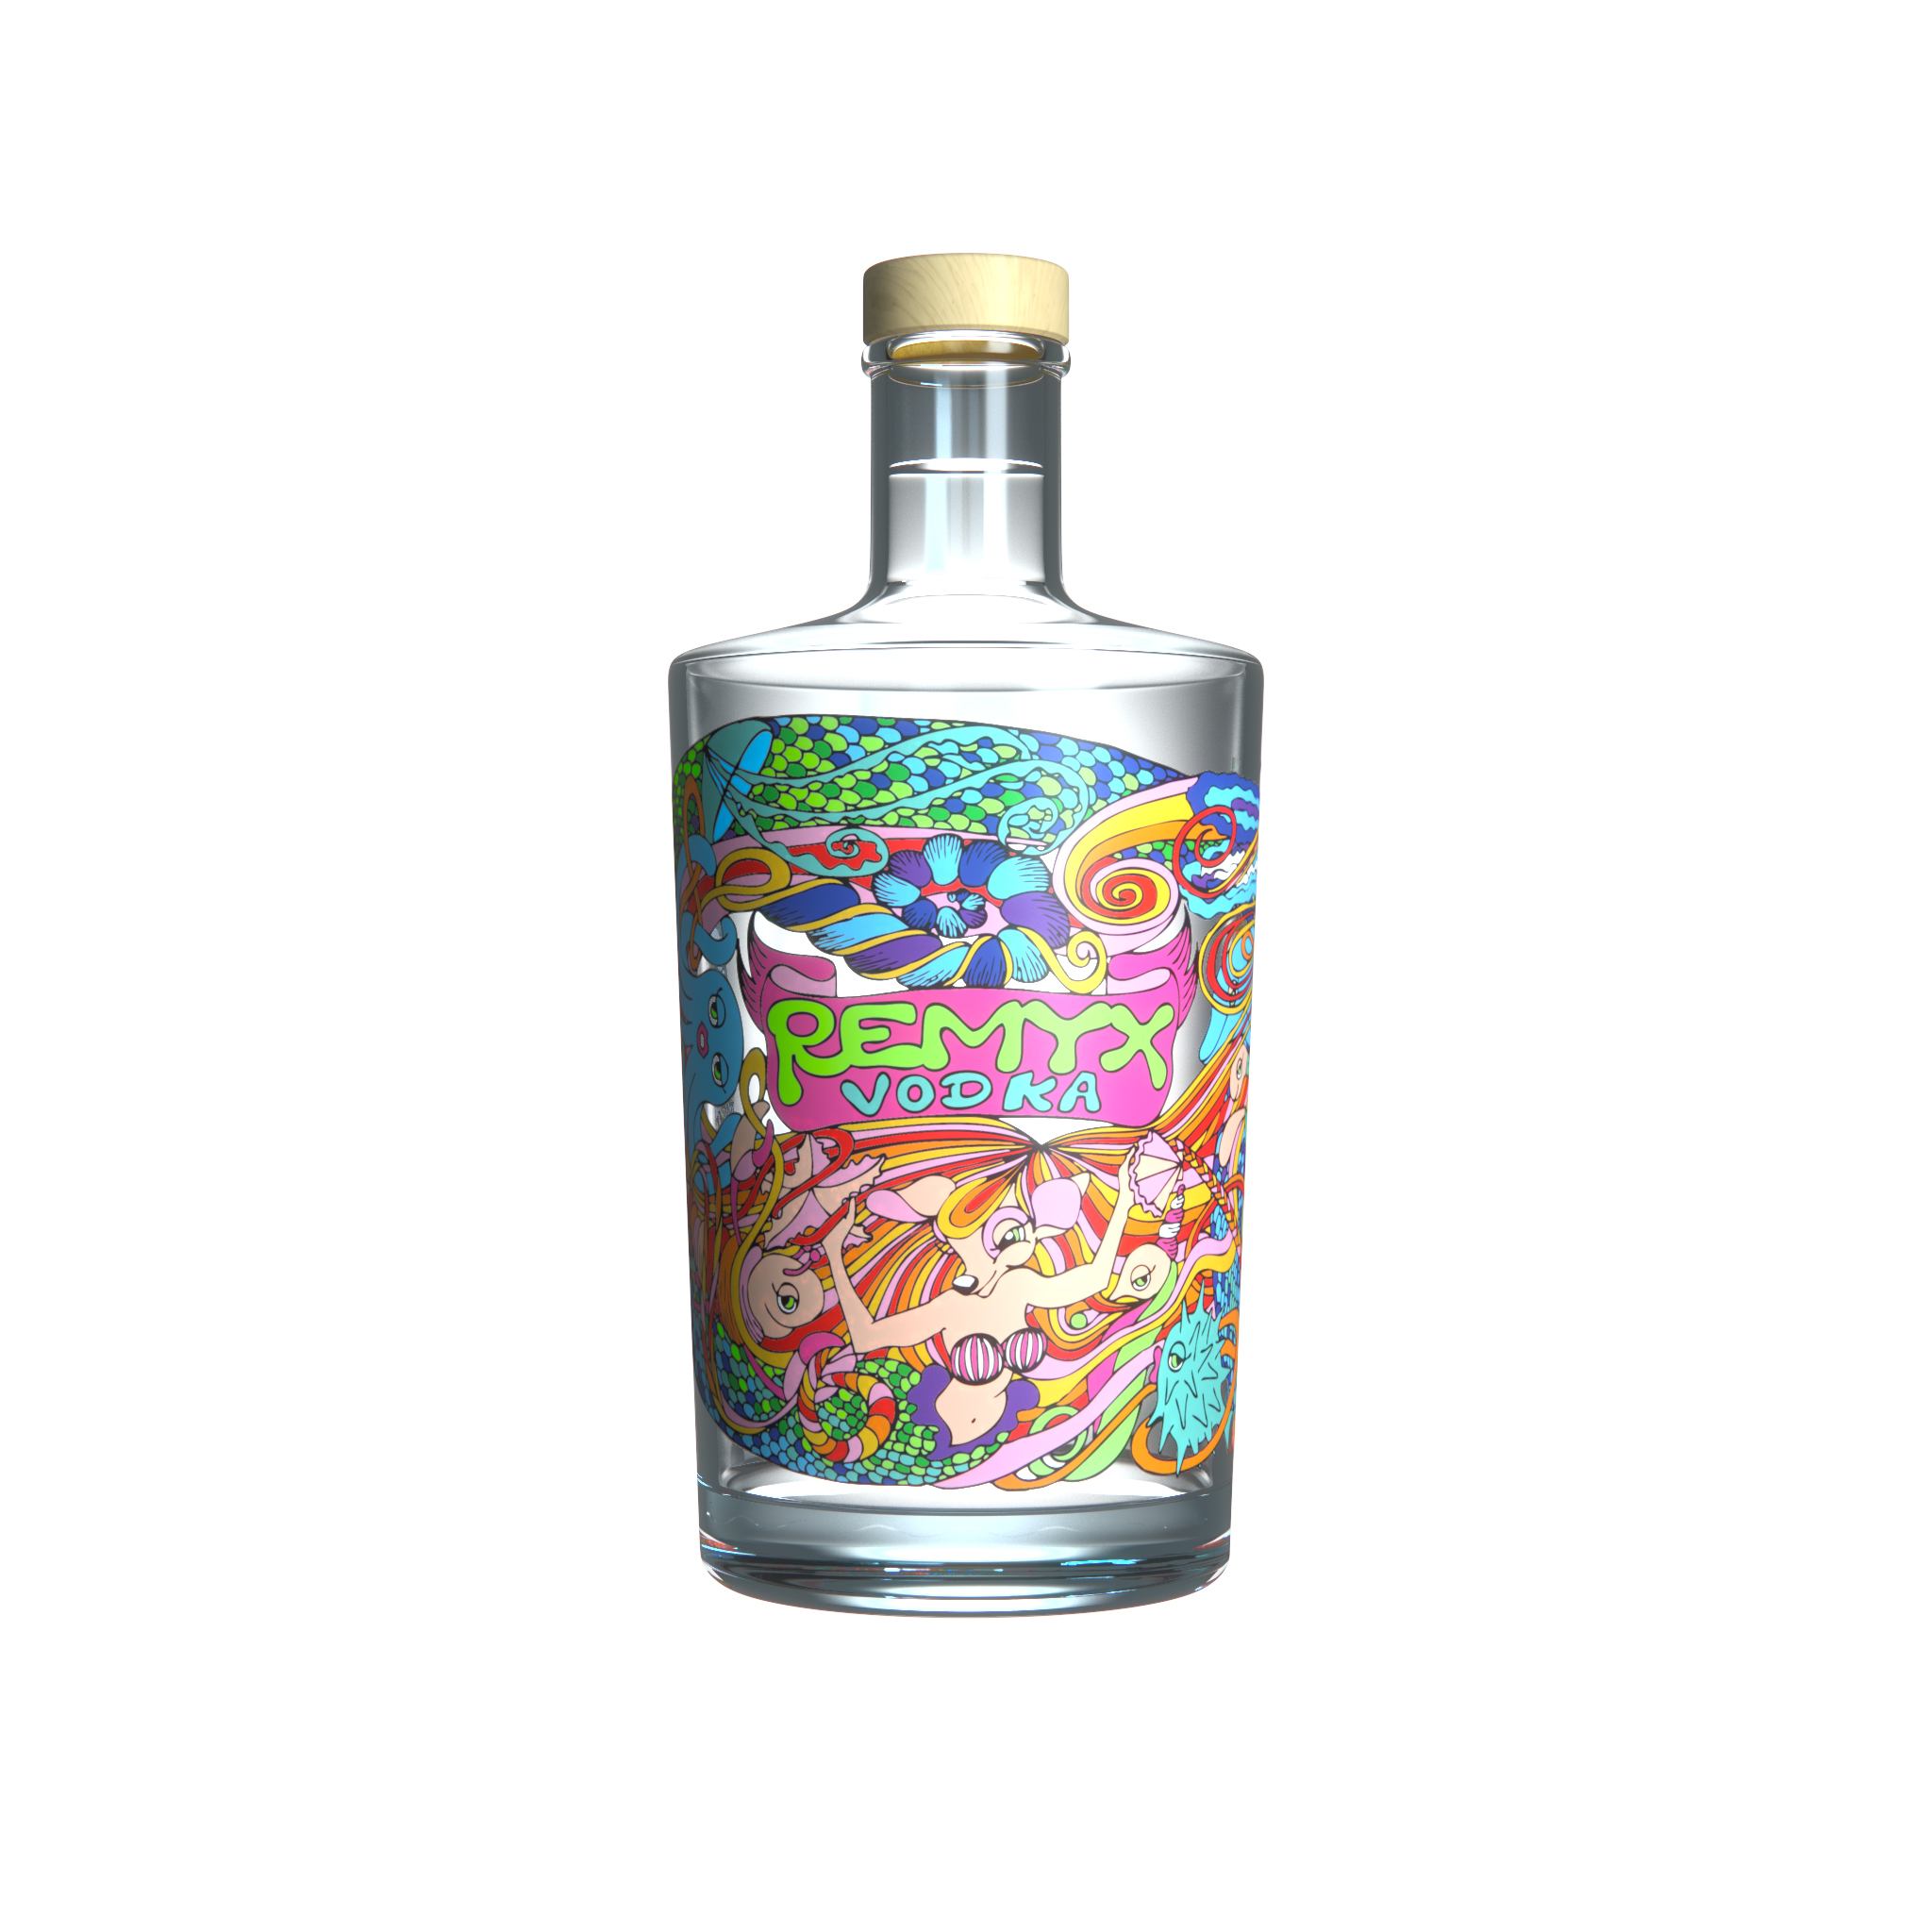 Remyx Aquatique Vodka française